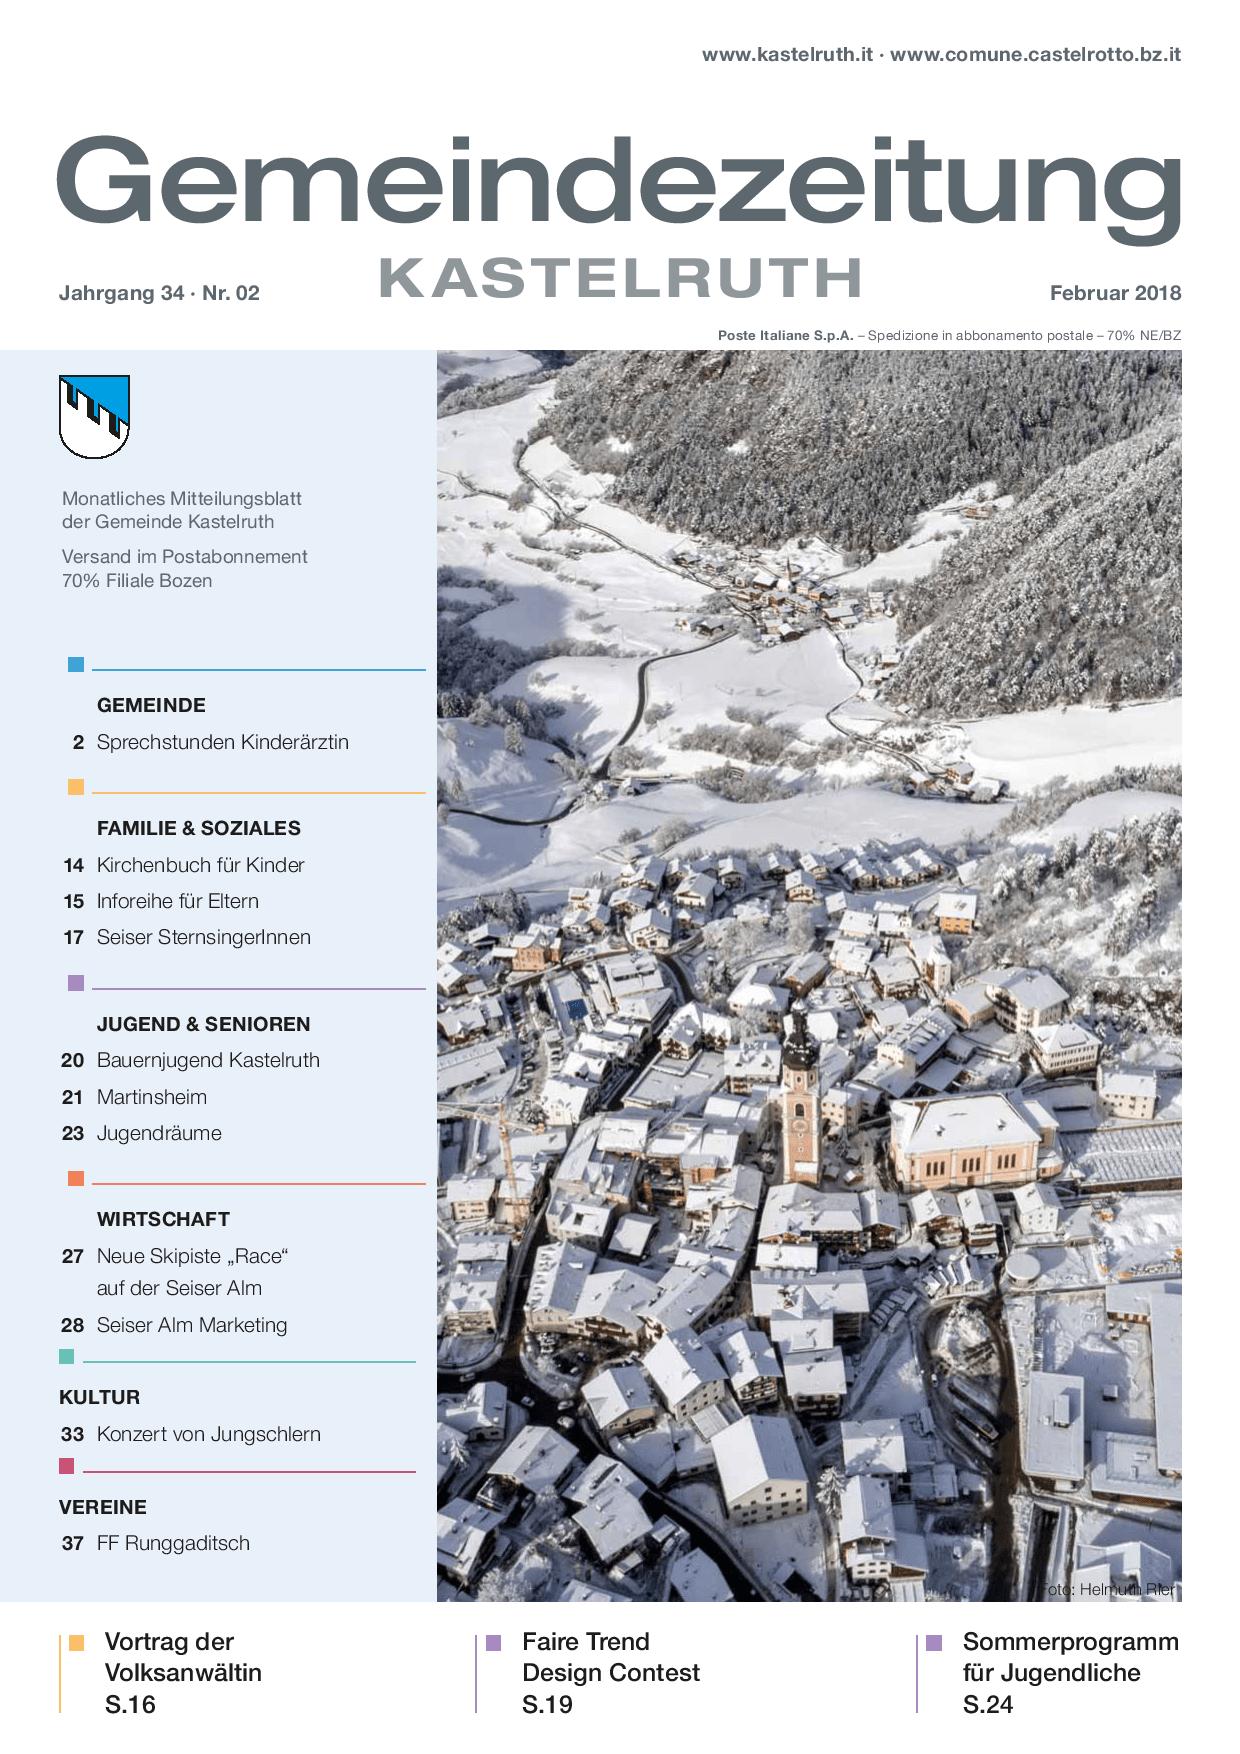 mensile del Comune di Castelrotto - edizione febbraio 2018 - Comune ...